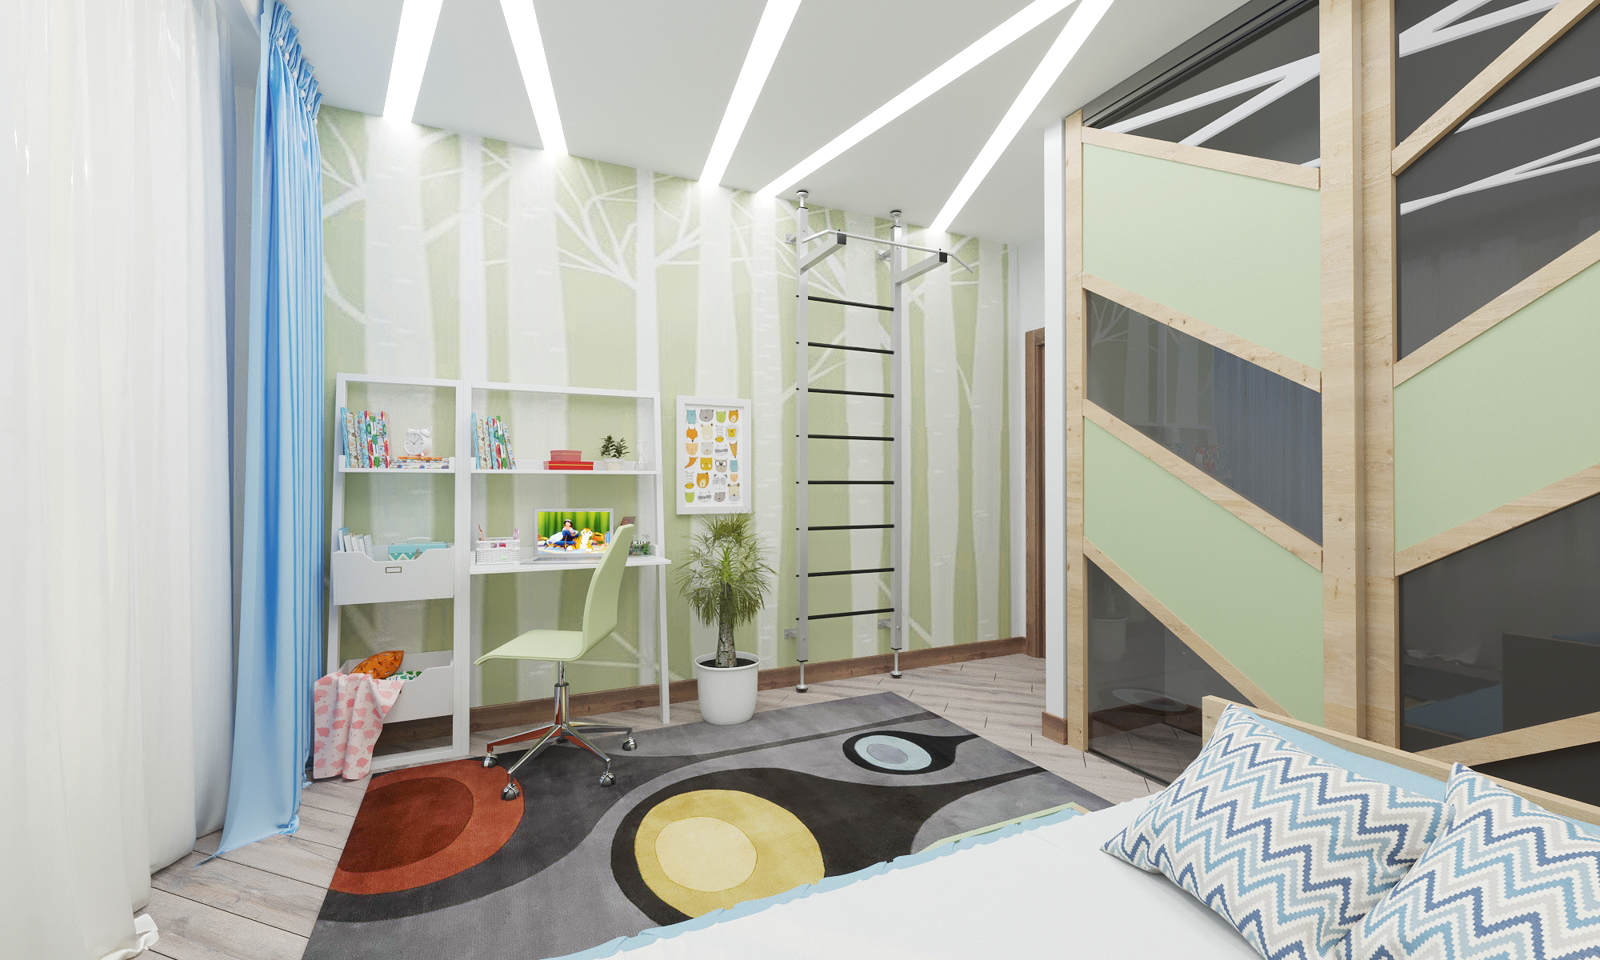 Дизайн детской комнаты Киев современный интерьер, шведская стенка, панели декор на стенах